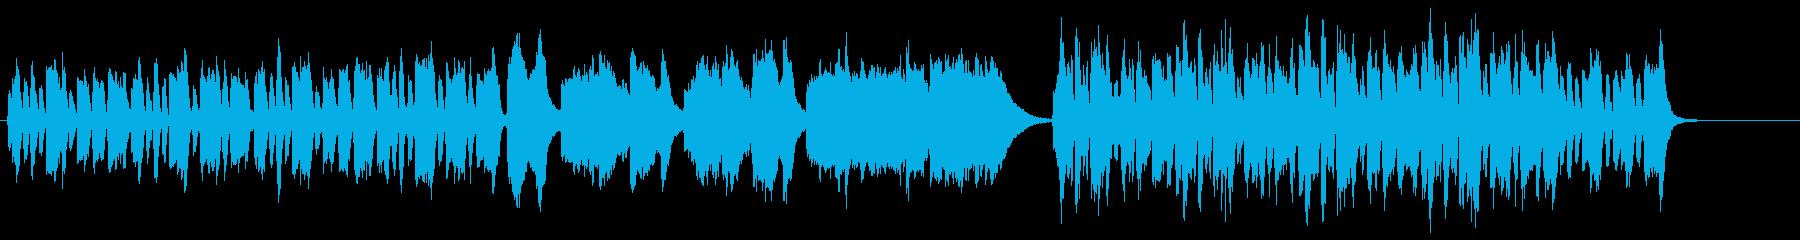 森の妖精イメージの明るいオーボエ曲の再生済みの波形